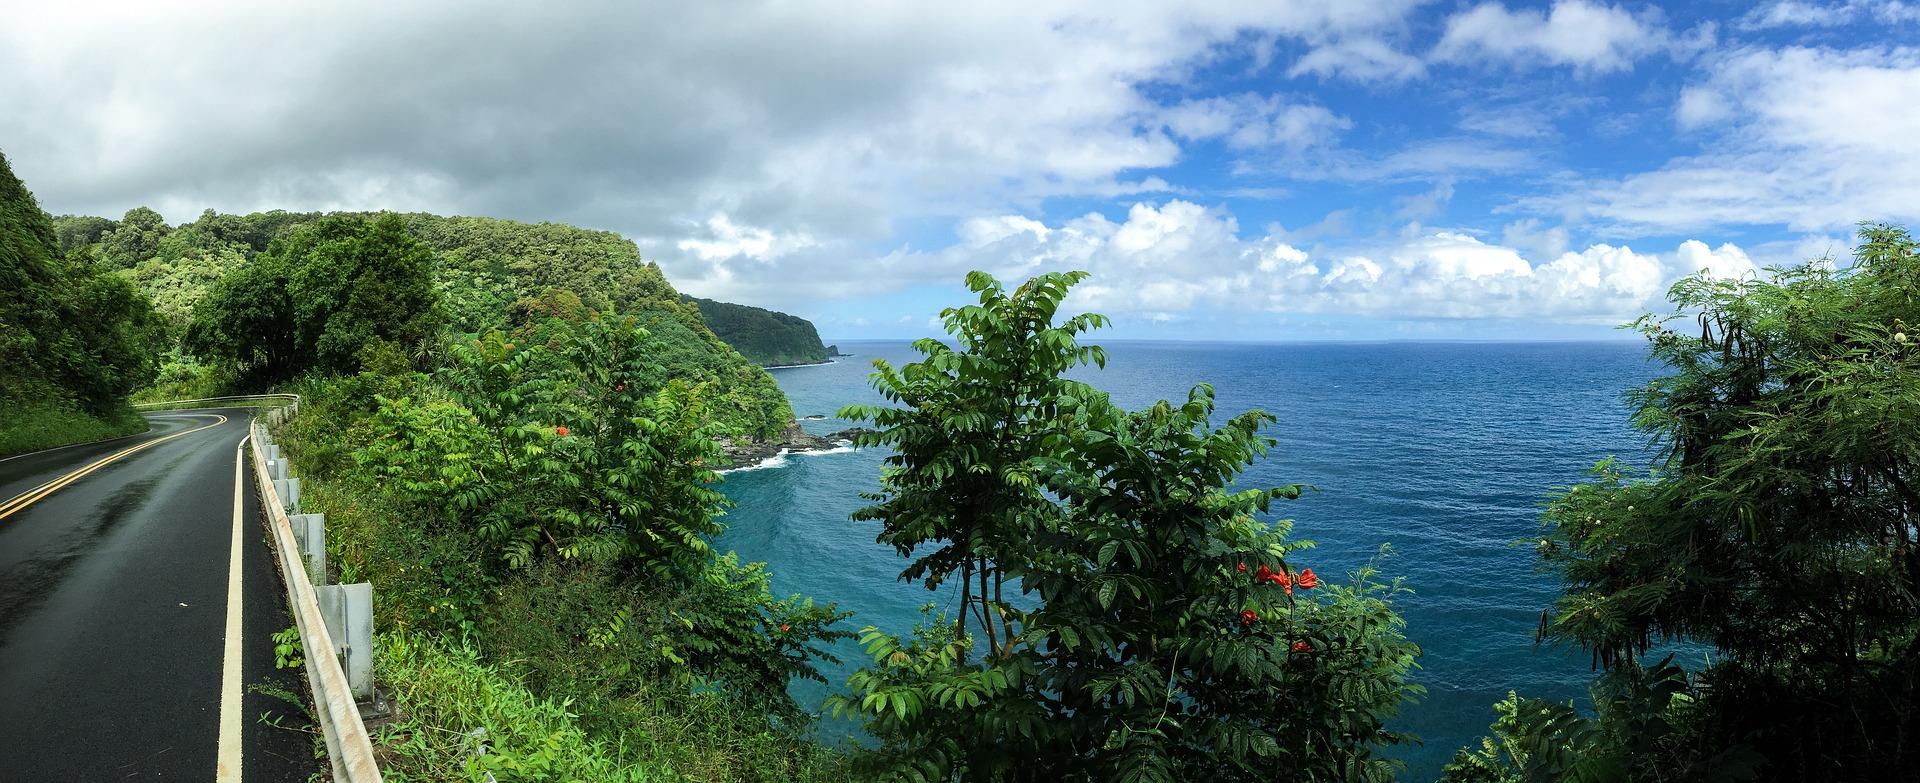 Hawaii vakantie boeken? Bibi ging naar Kauai en Maui